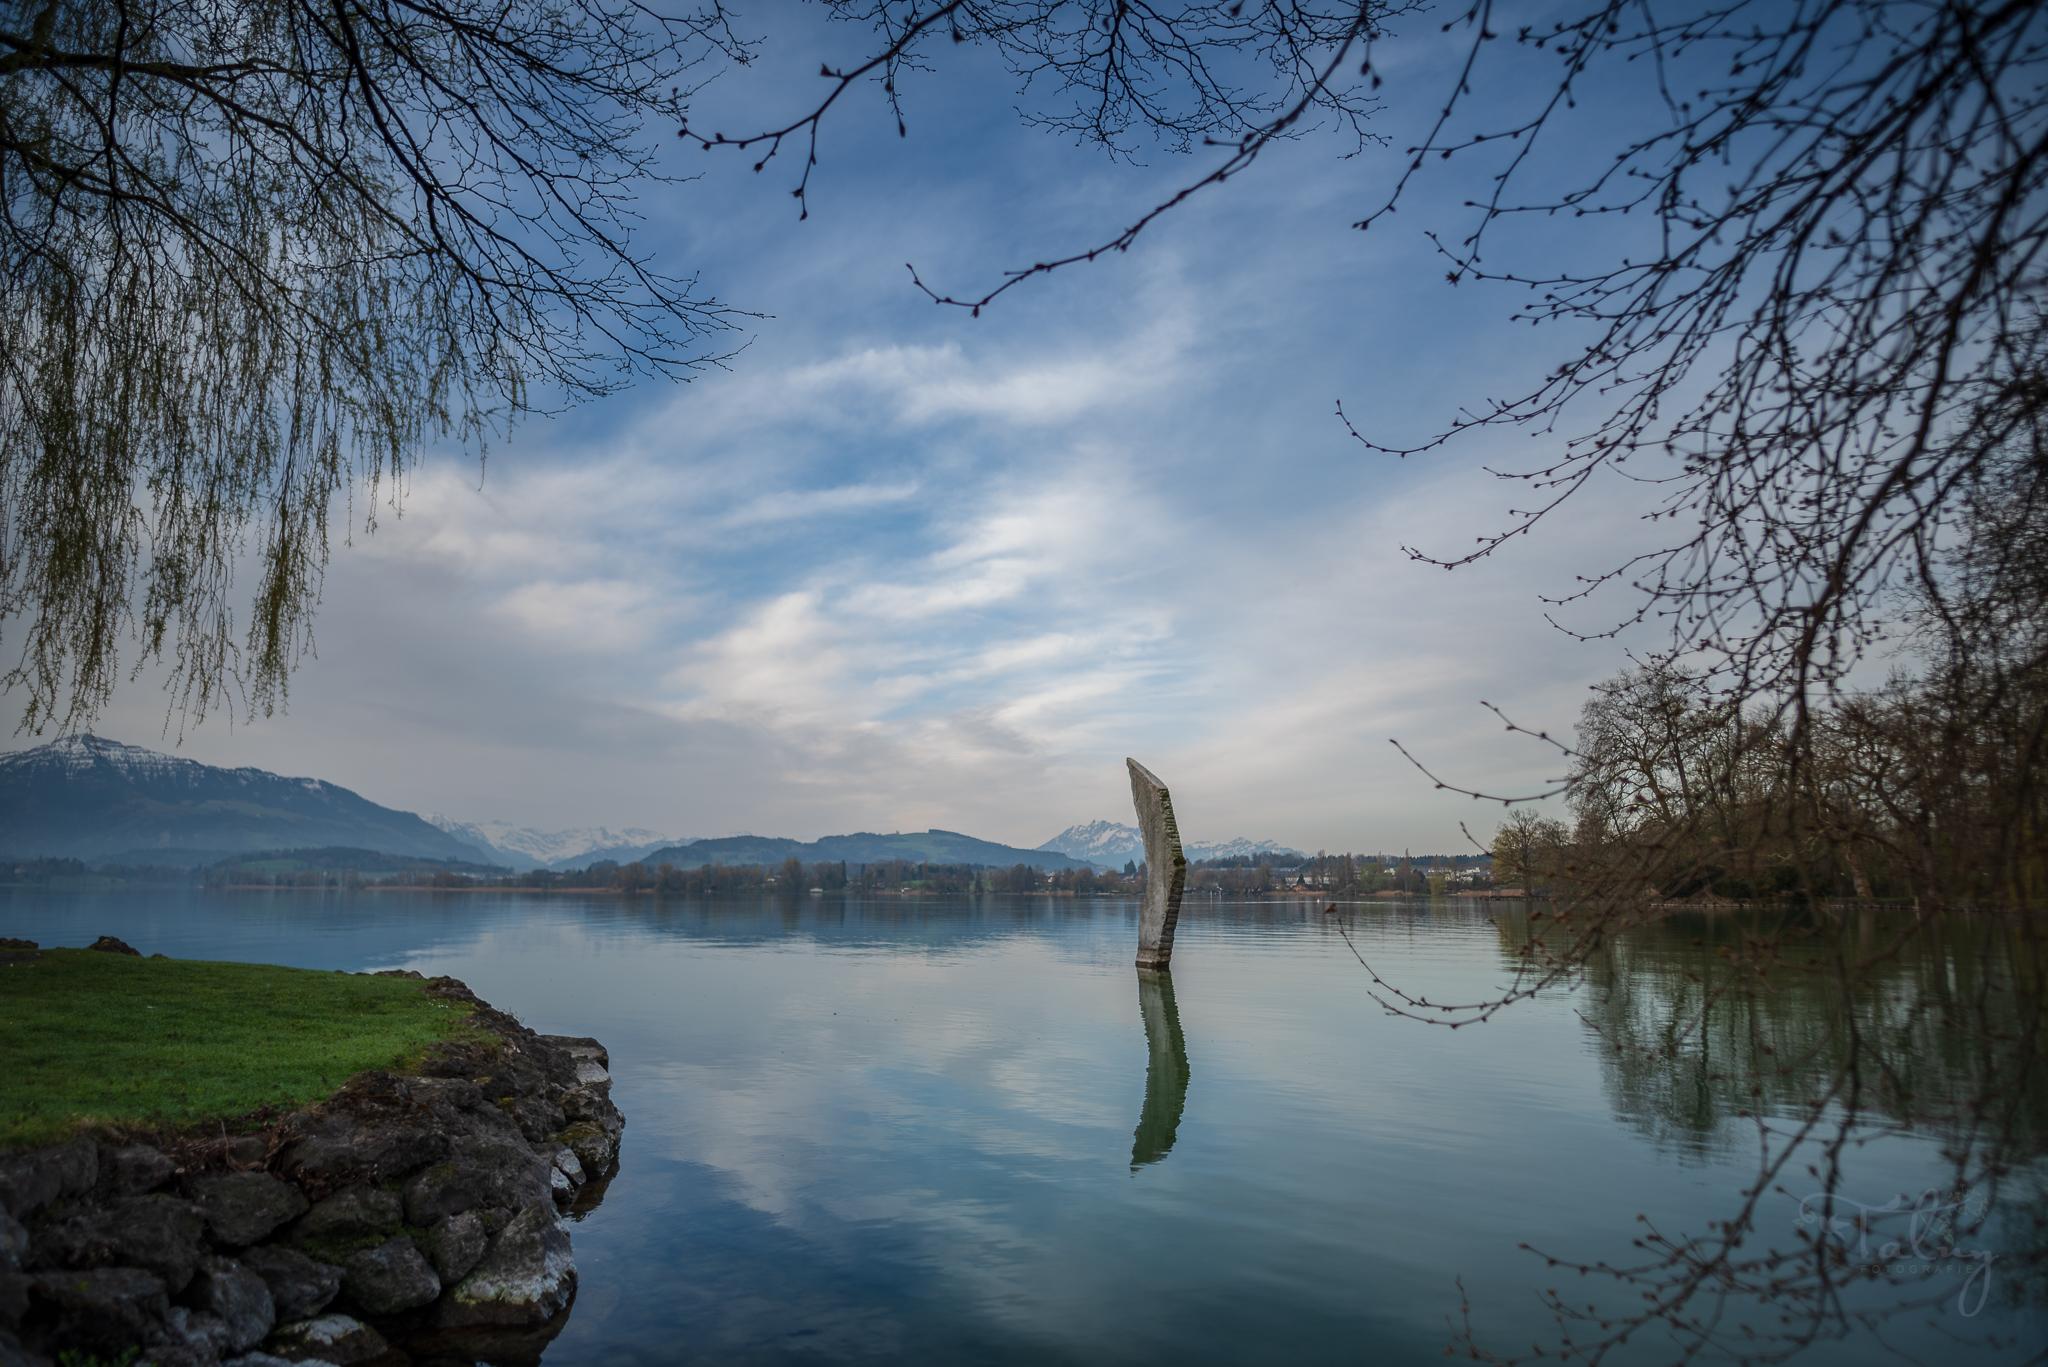 Villettepark, Switzerland